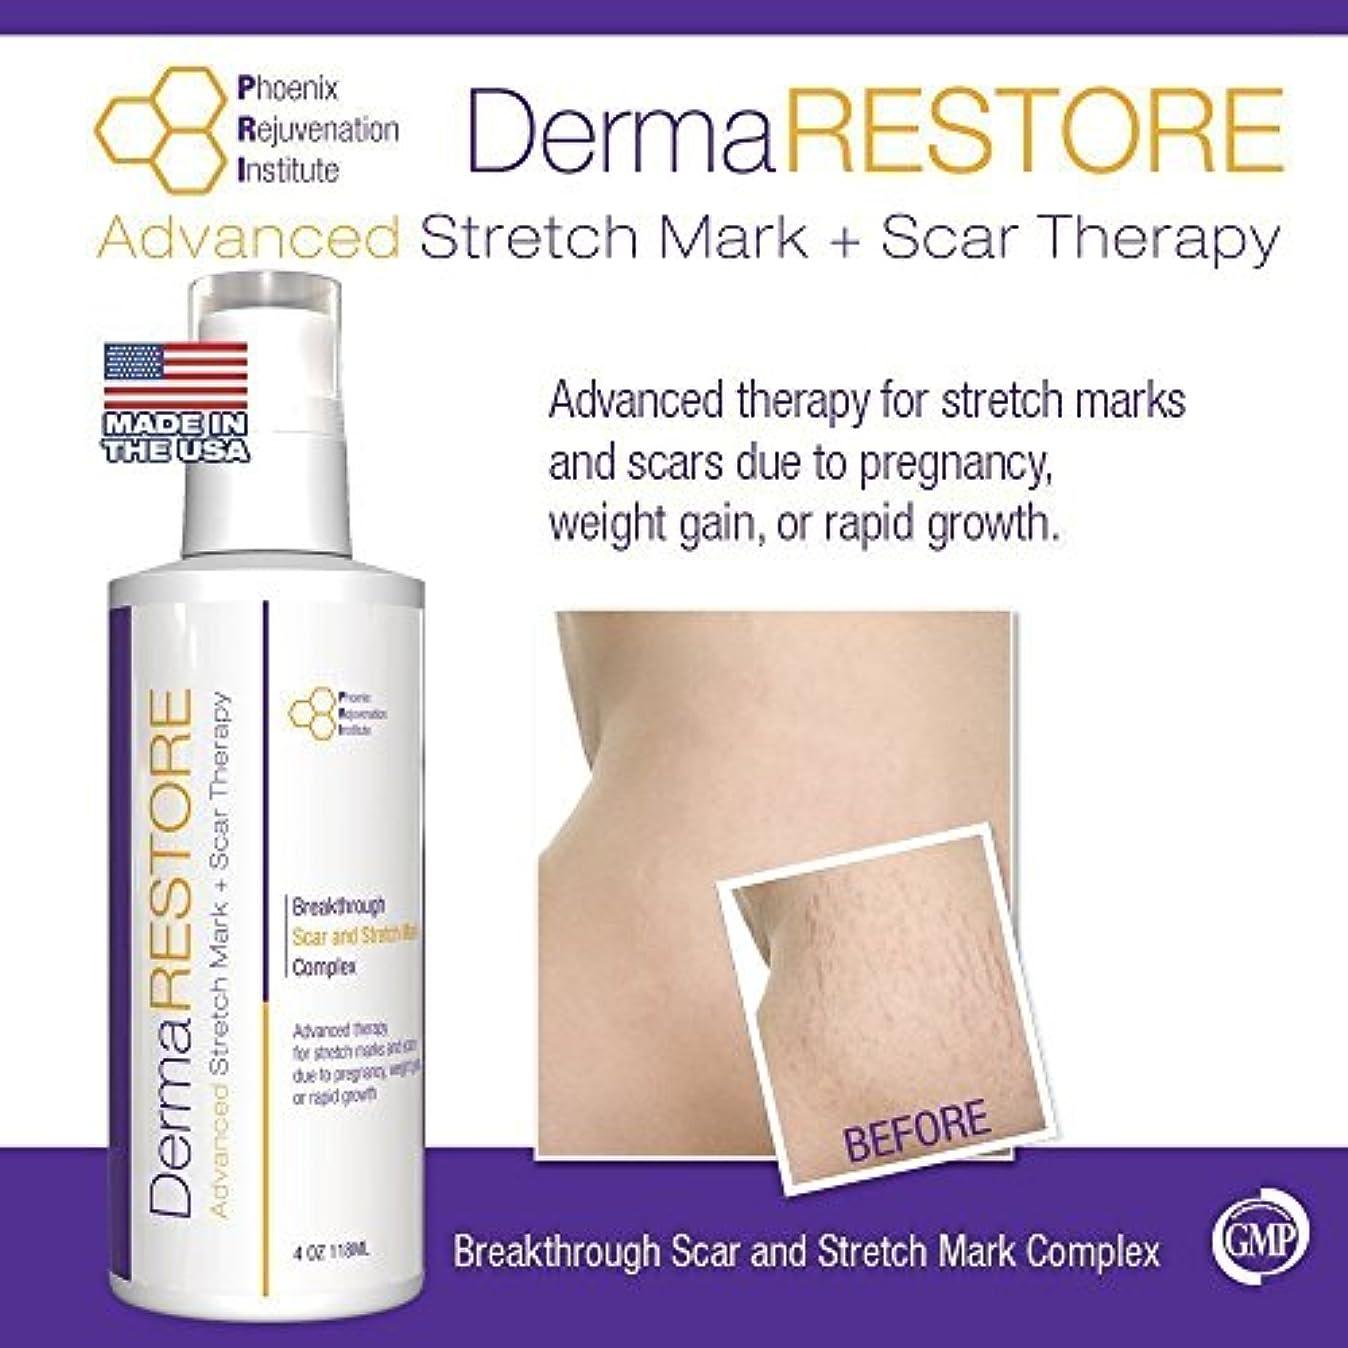 つなぐ資料再びストレッチマーククリーム 118ml DermaRESTORE - Stretch Mark and Scar Treatment4oz 【並行輸入品】